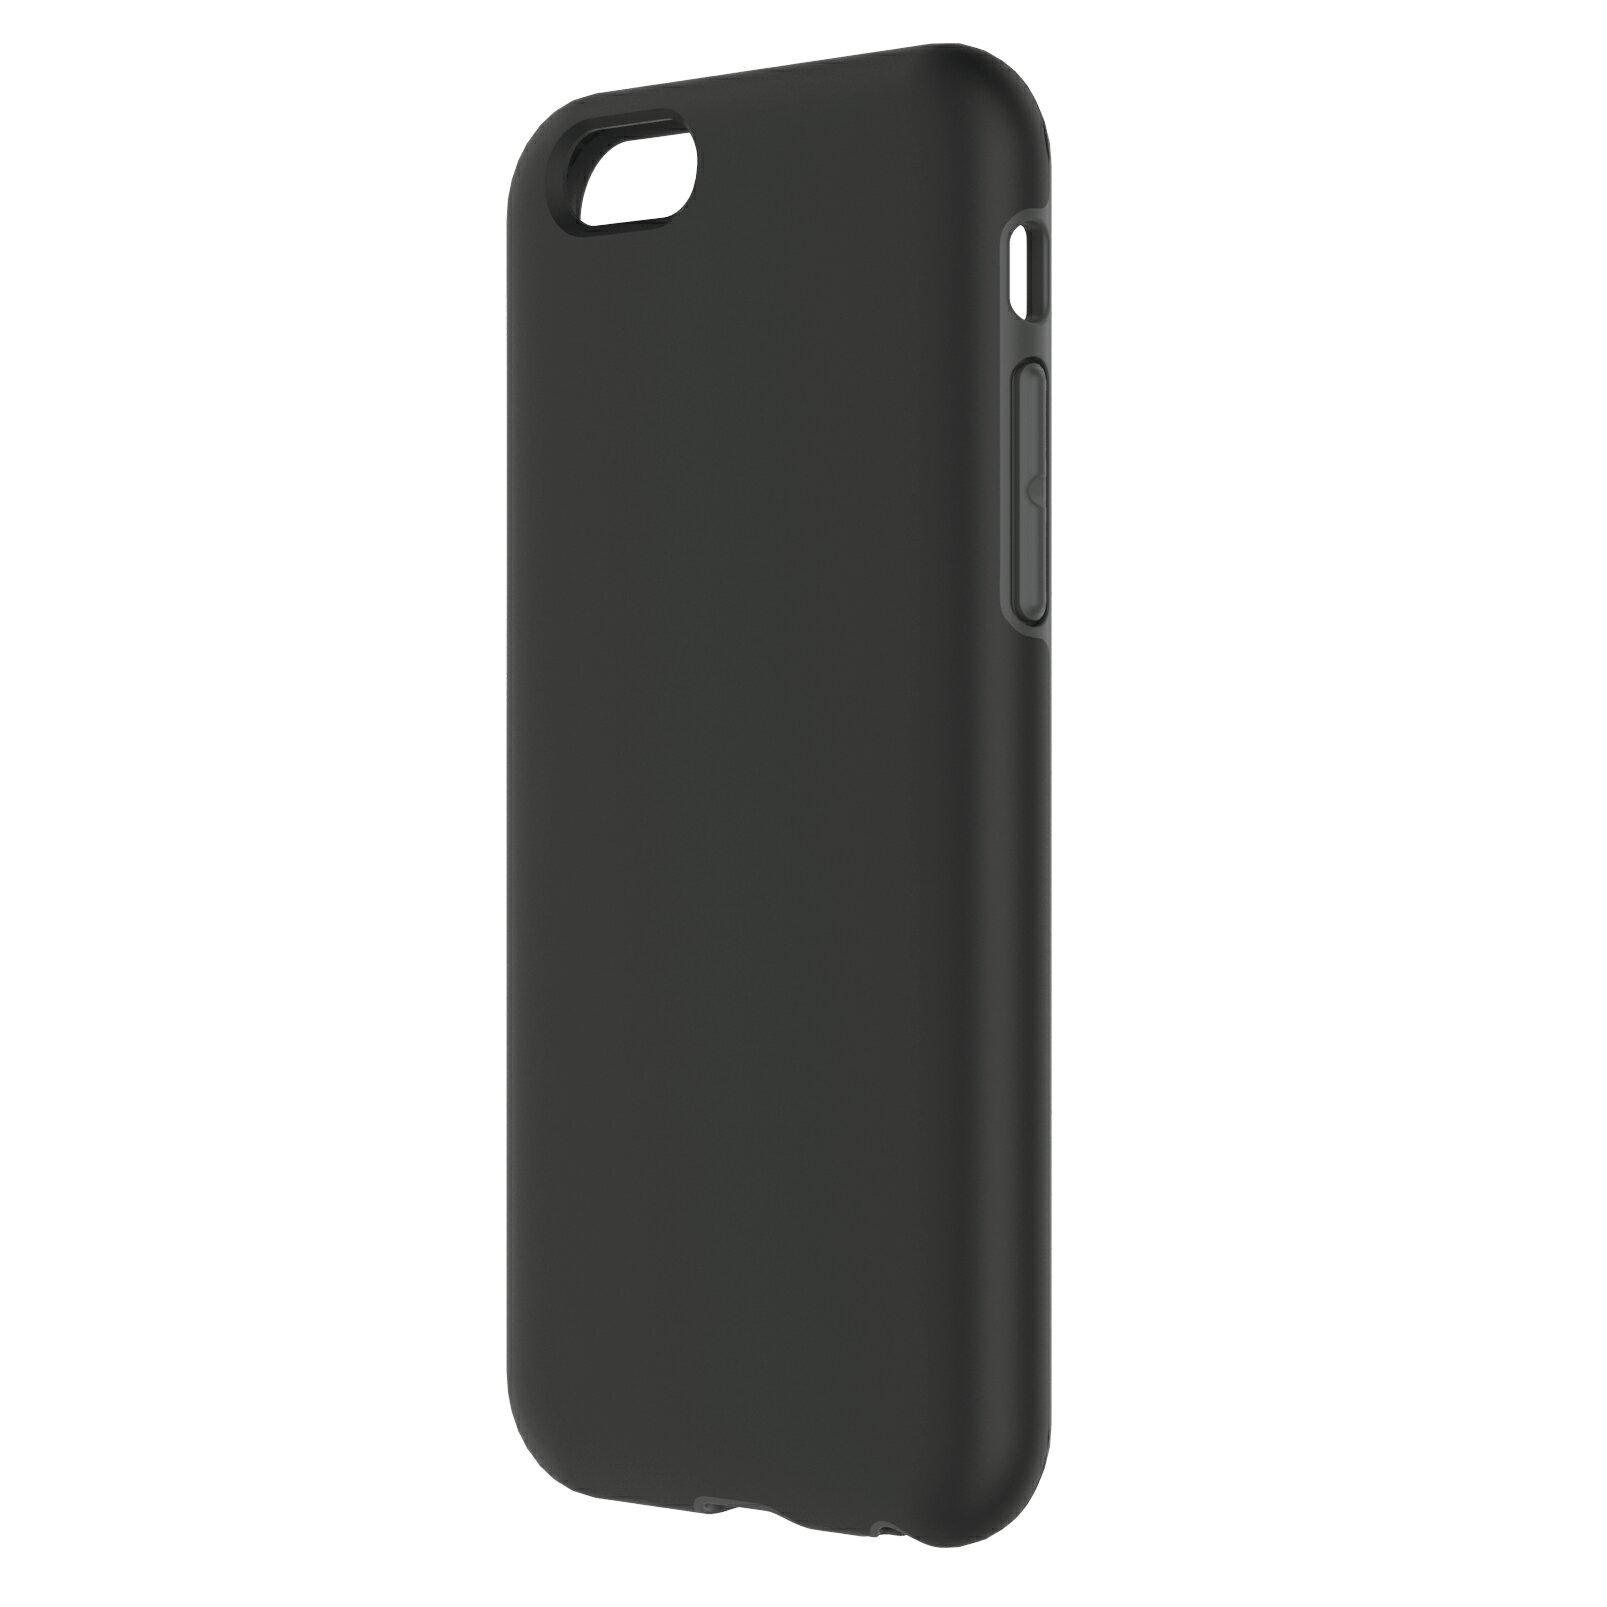 犀牛盾背蓋 蘋果 iPhone 8/ 7 4.7吋犀牛盾背蓋殼 Apple ip7 RhinoShield Playproof 防摔背蓋手機殼 手機背殼